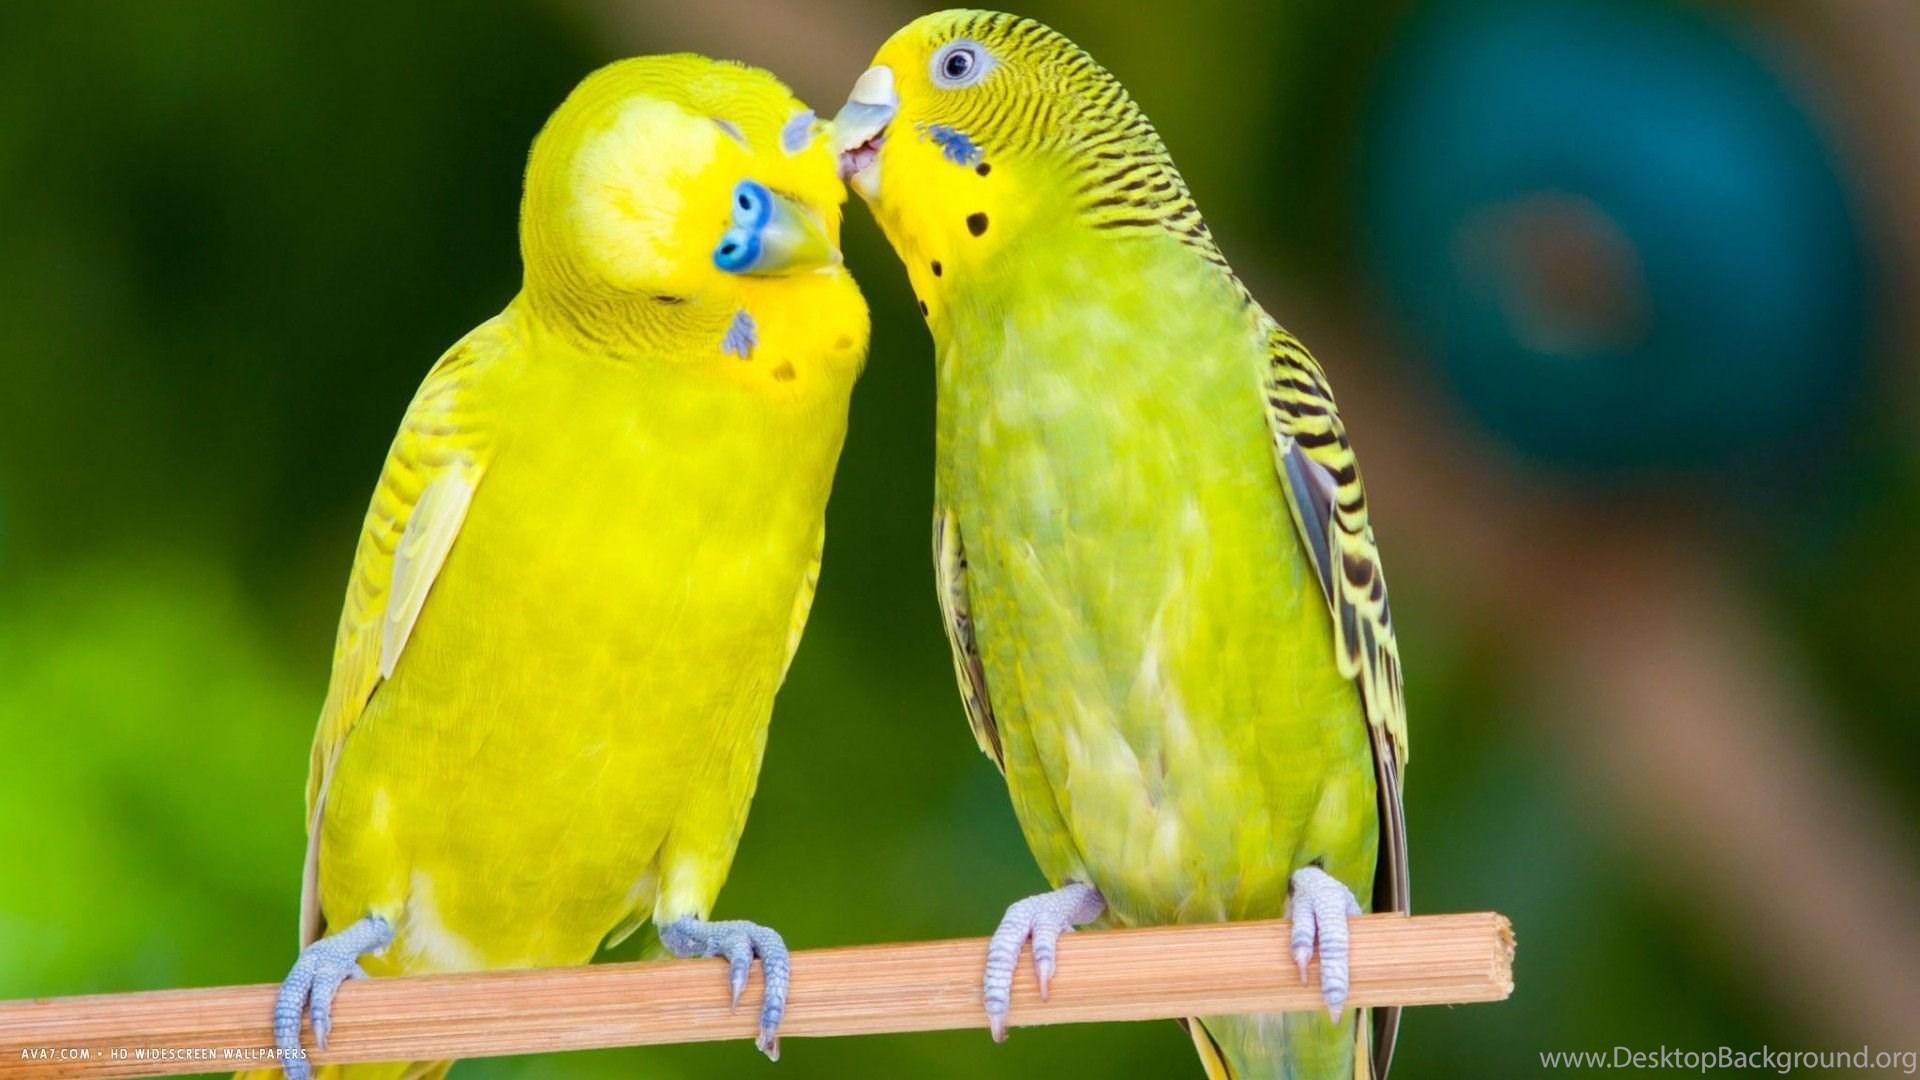 Budgie Love Birds Hd Wallpapers 1080p Desktop Background